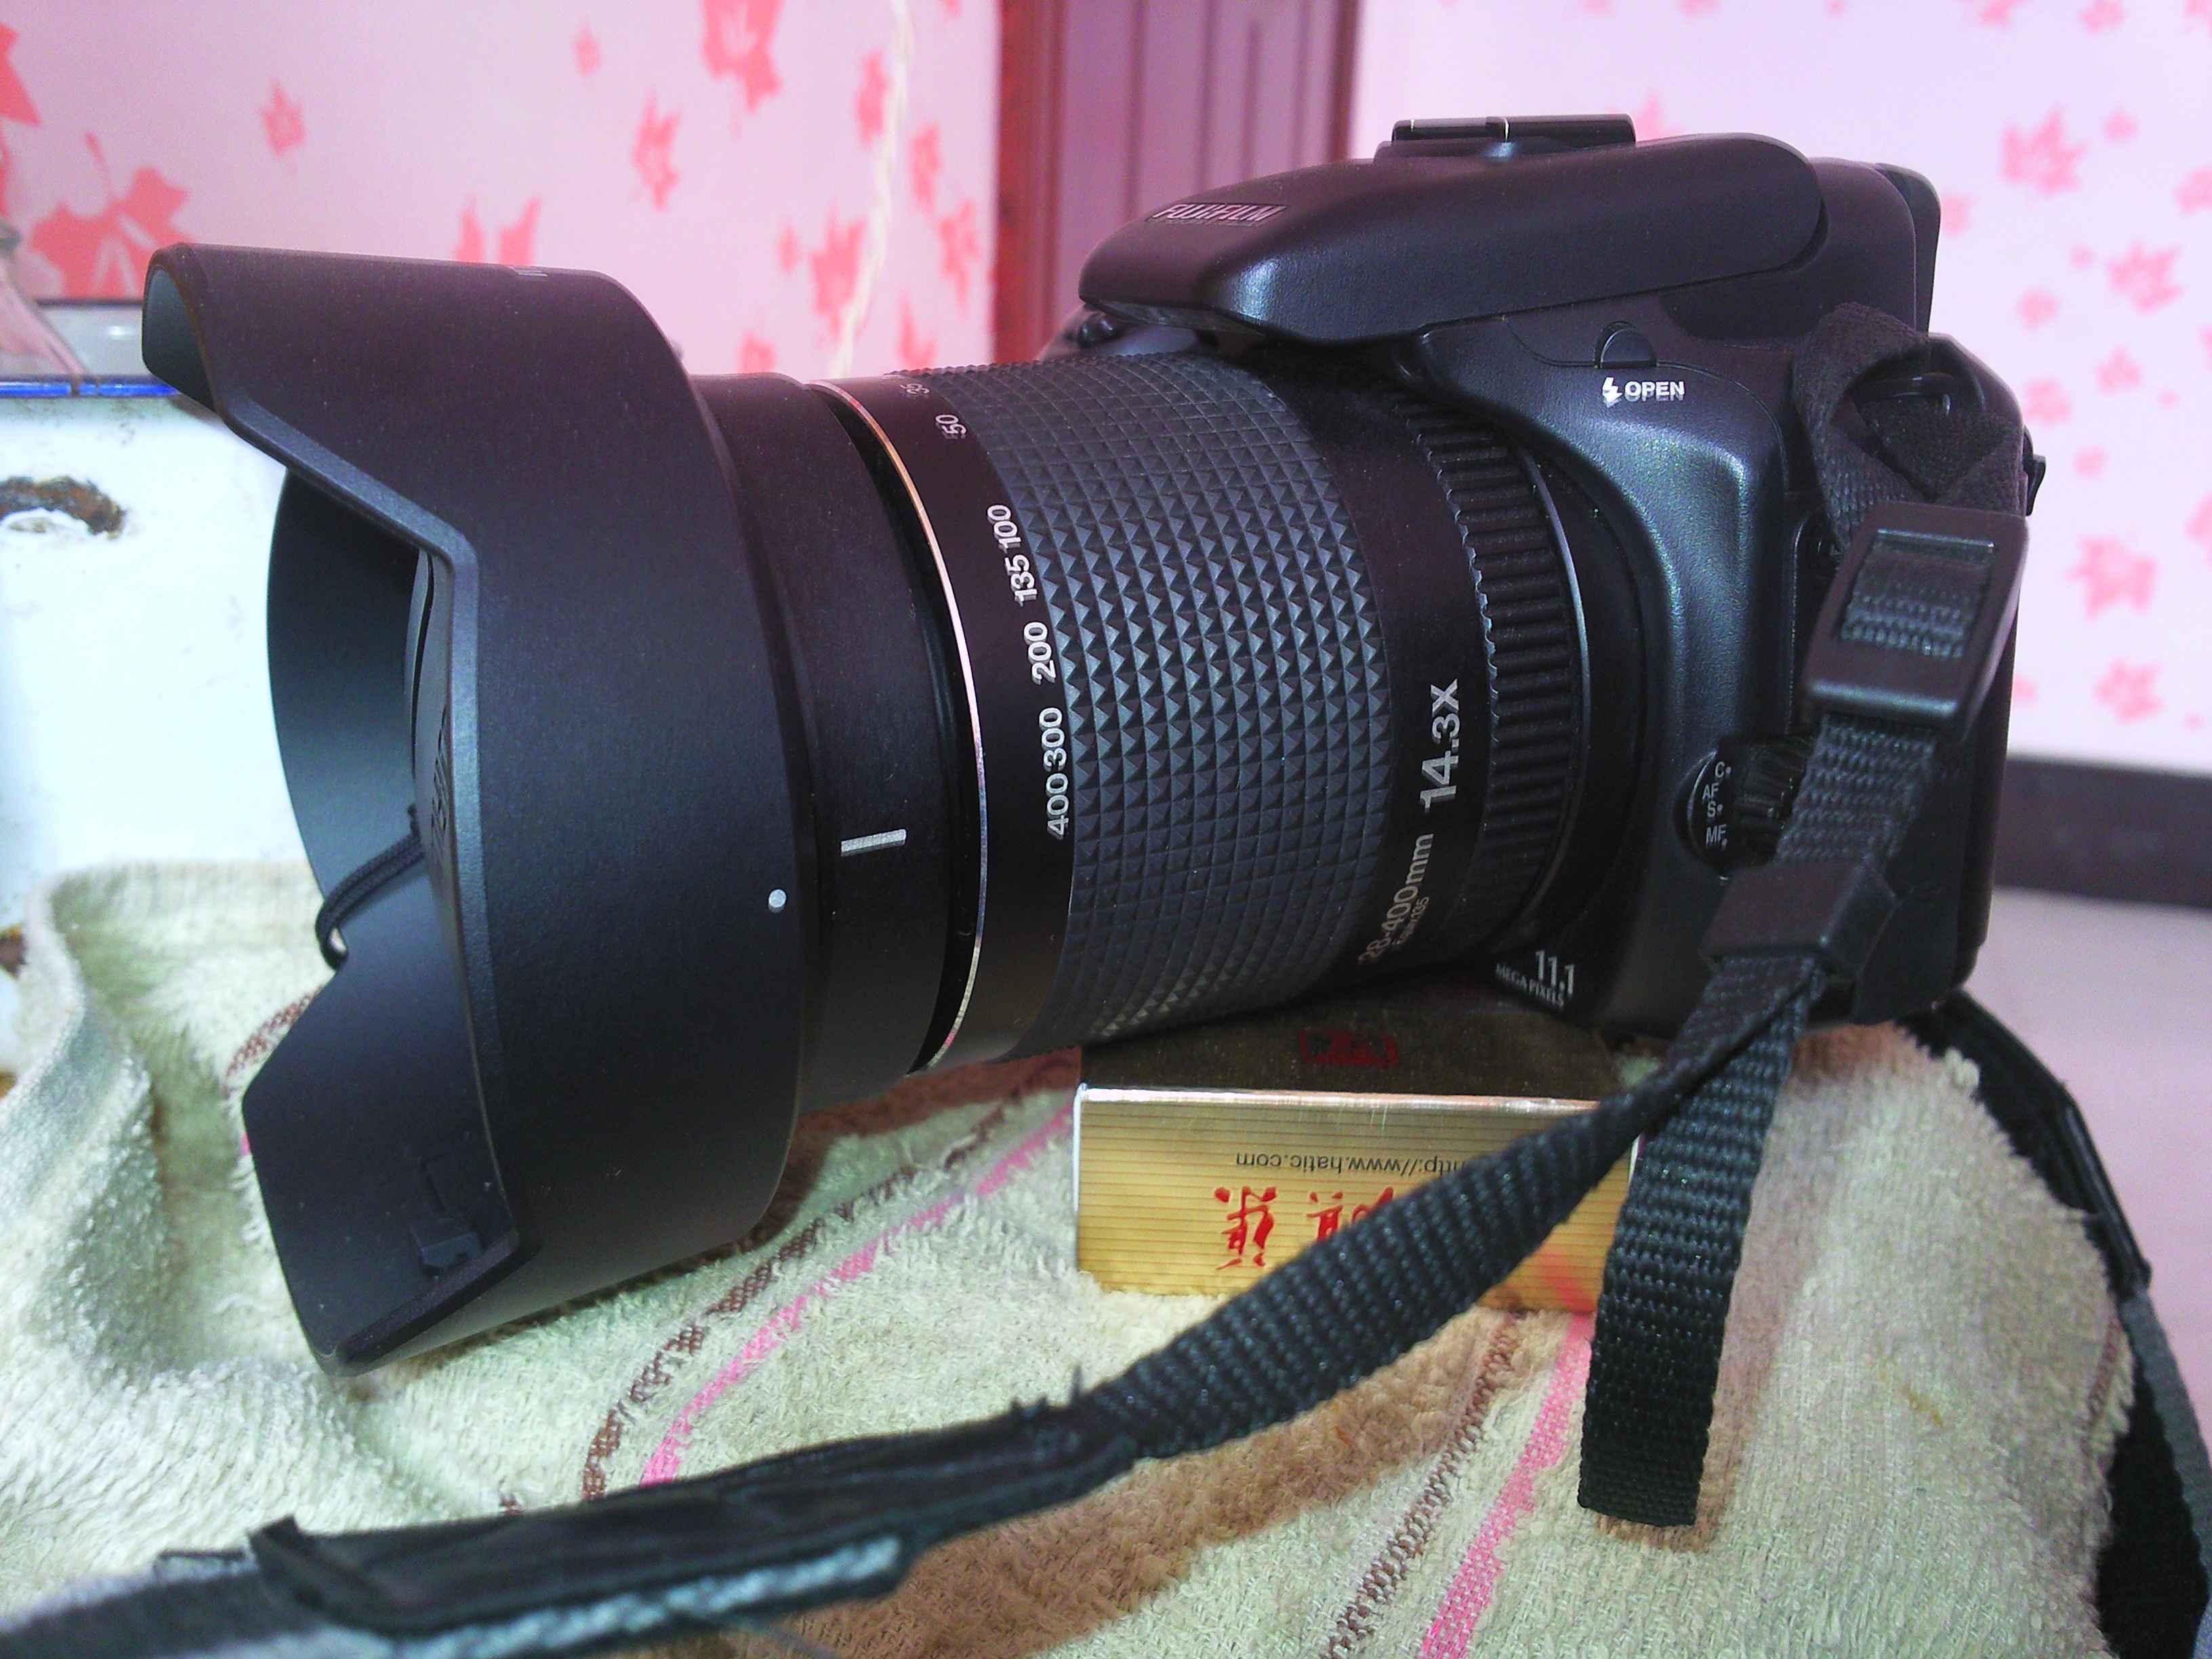 出富士s100FS相机和三星i8510手机